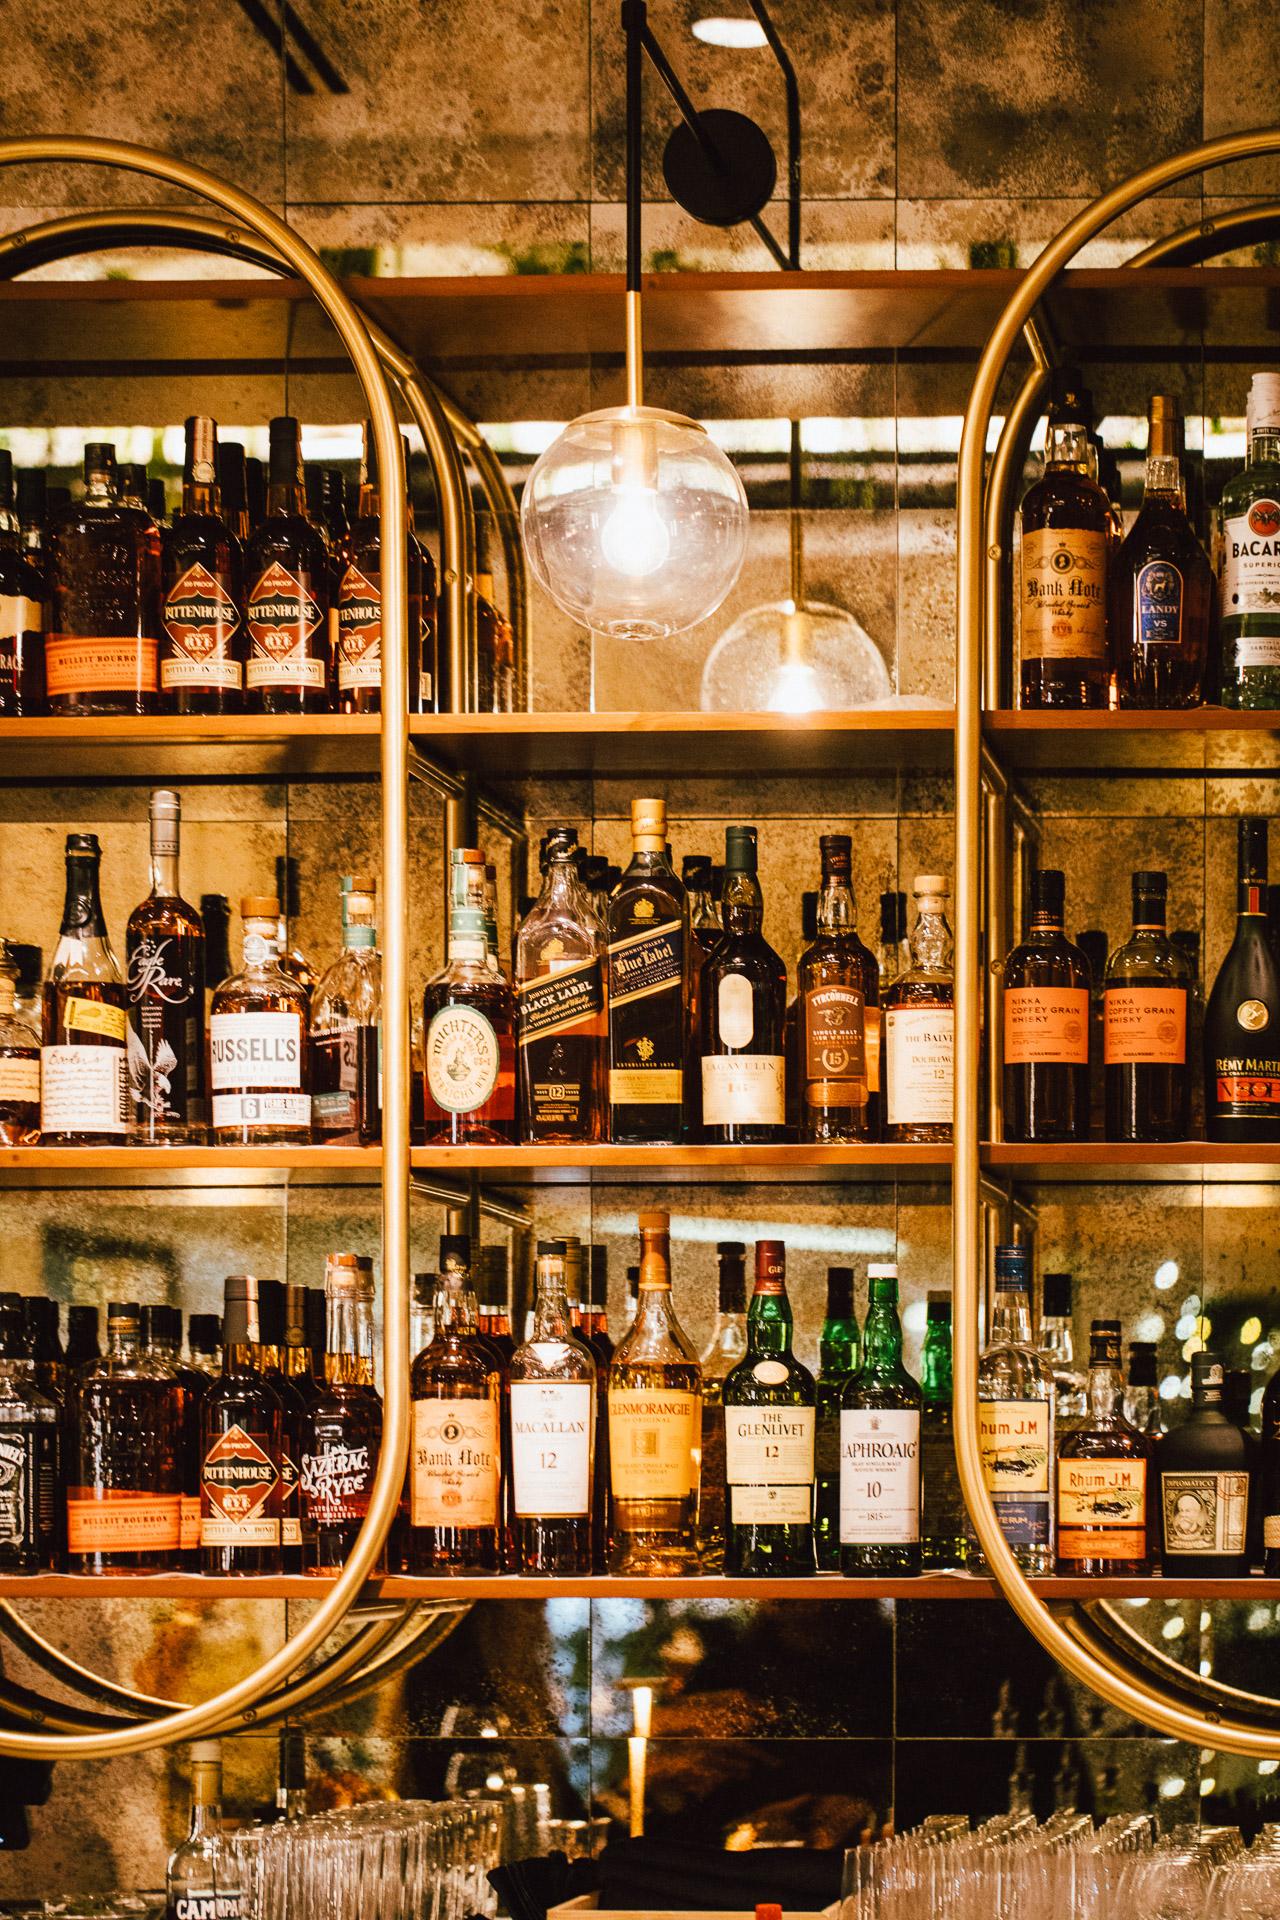 los-angeles-architectural-photographer-bistro-jolie-restaurant-6.jpg